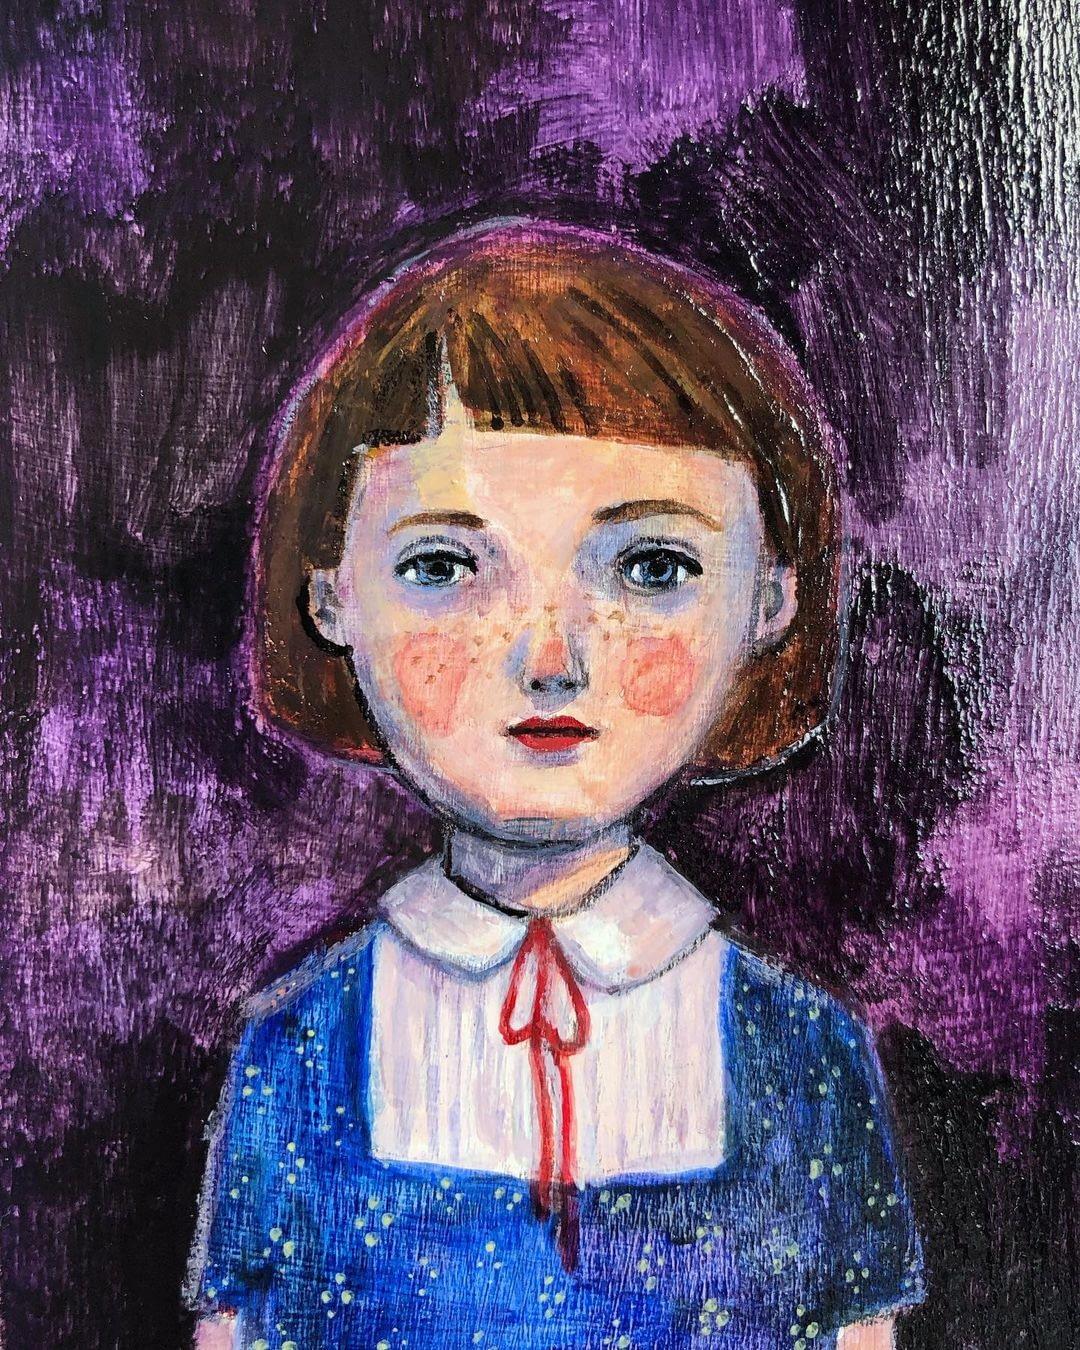 Oil Paintings by Amanda Blake